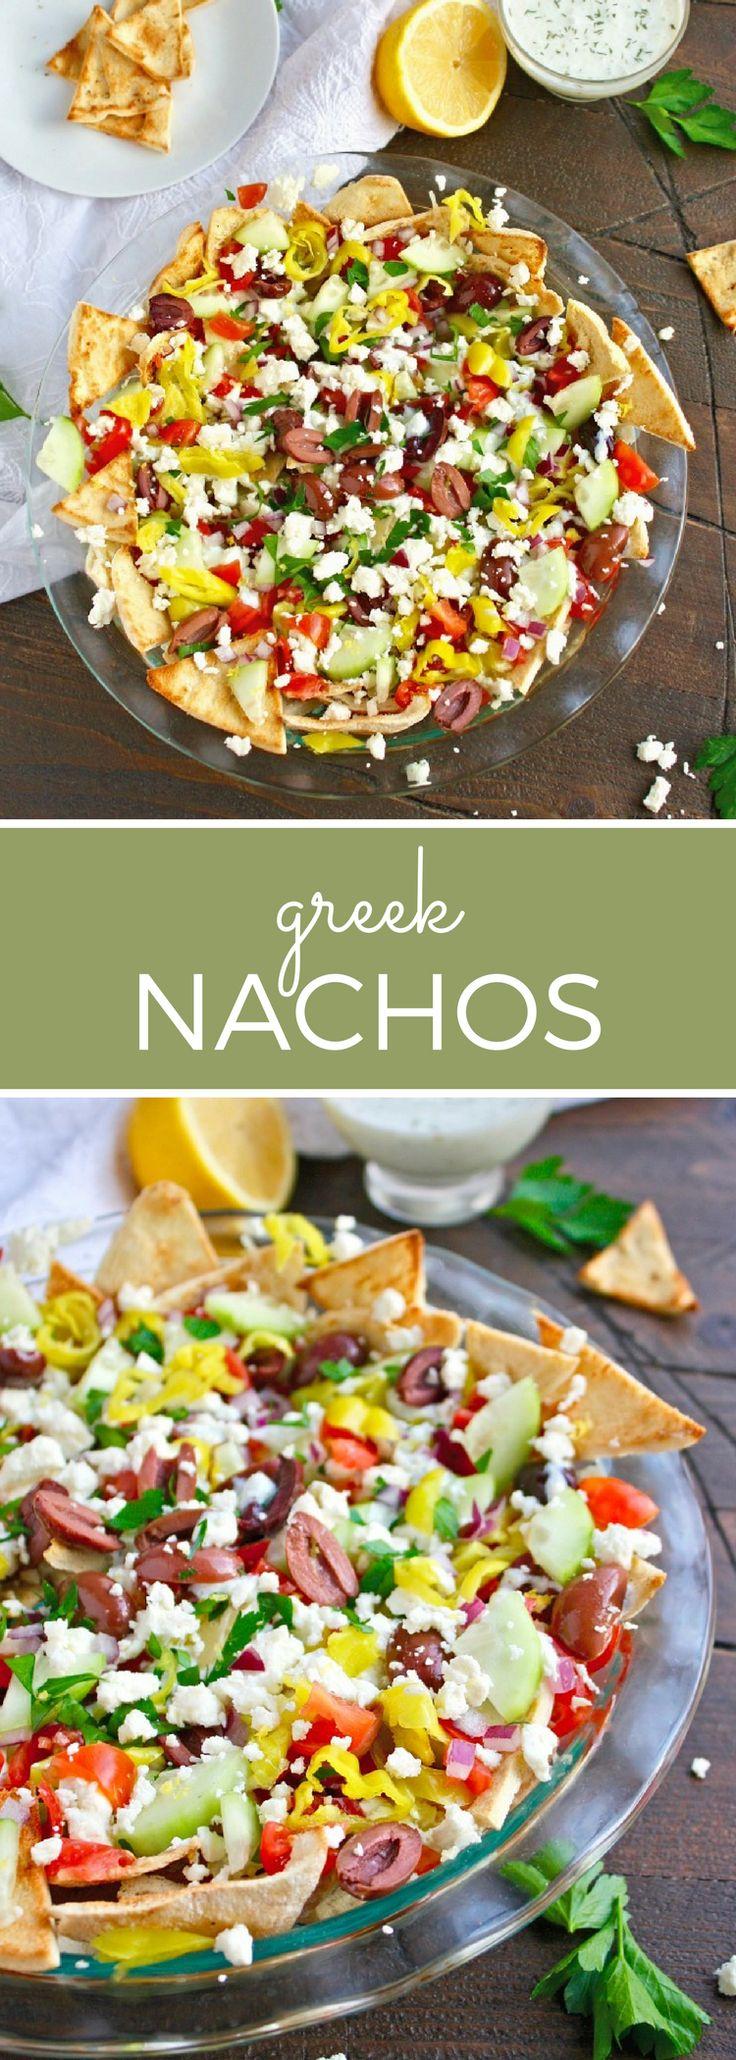 This Greek spin on nachos features crisp pita topped with tzatziki sauce, veggies and feta.